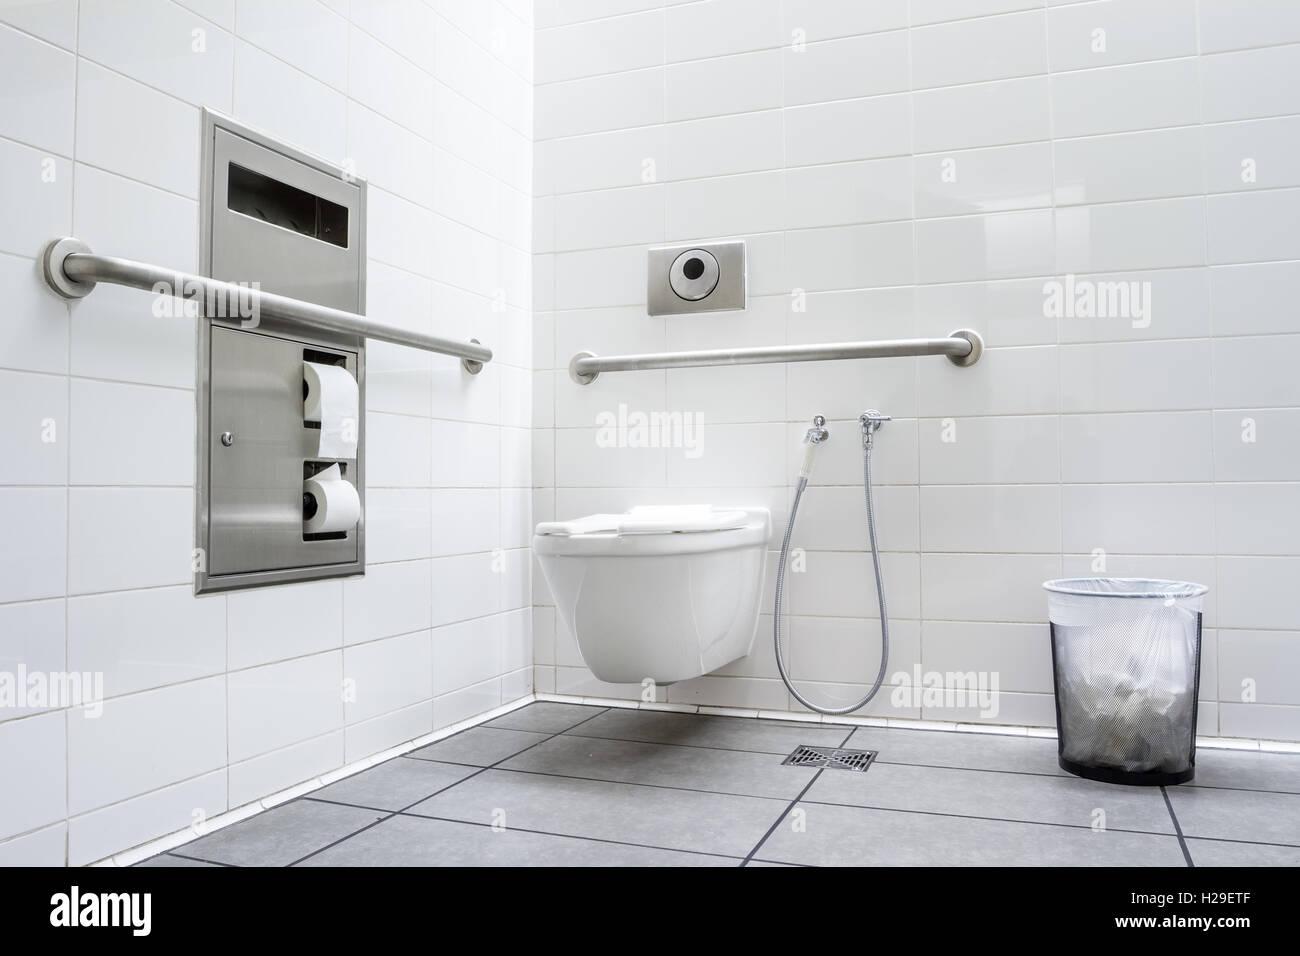 Bagno per disabili dimensioni bagno disabili dimensioni bagno per